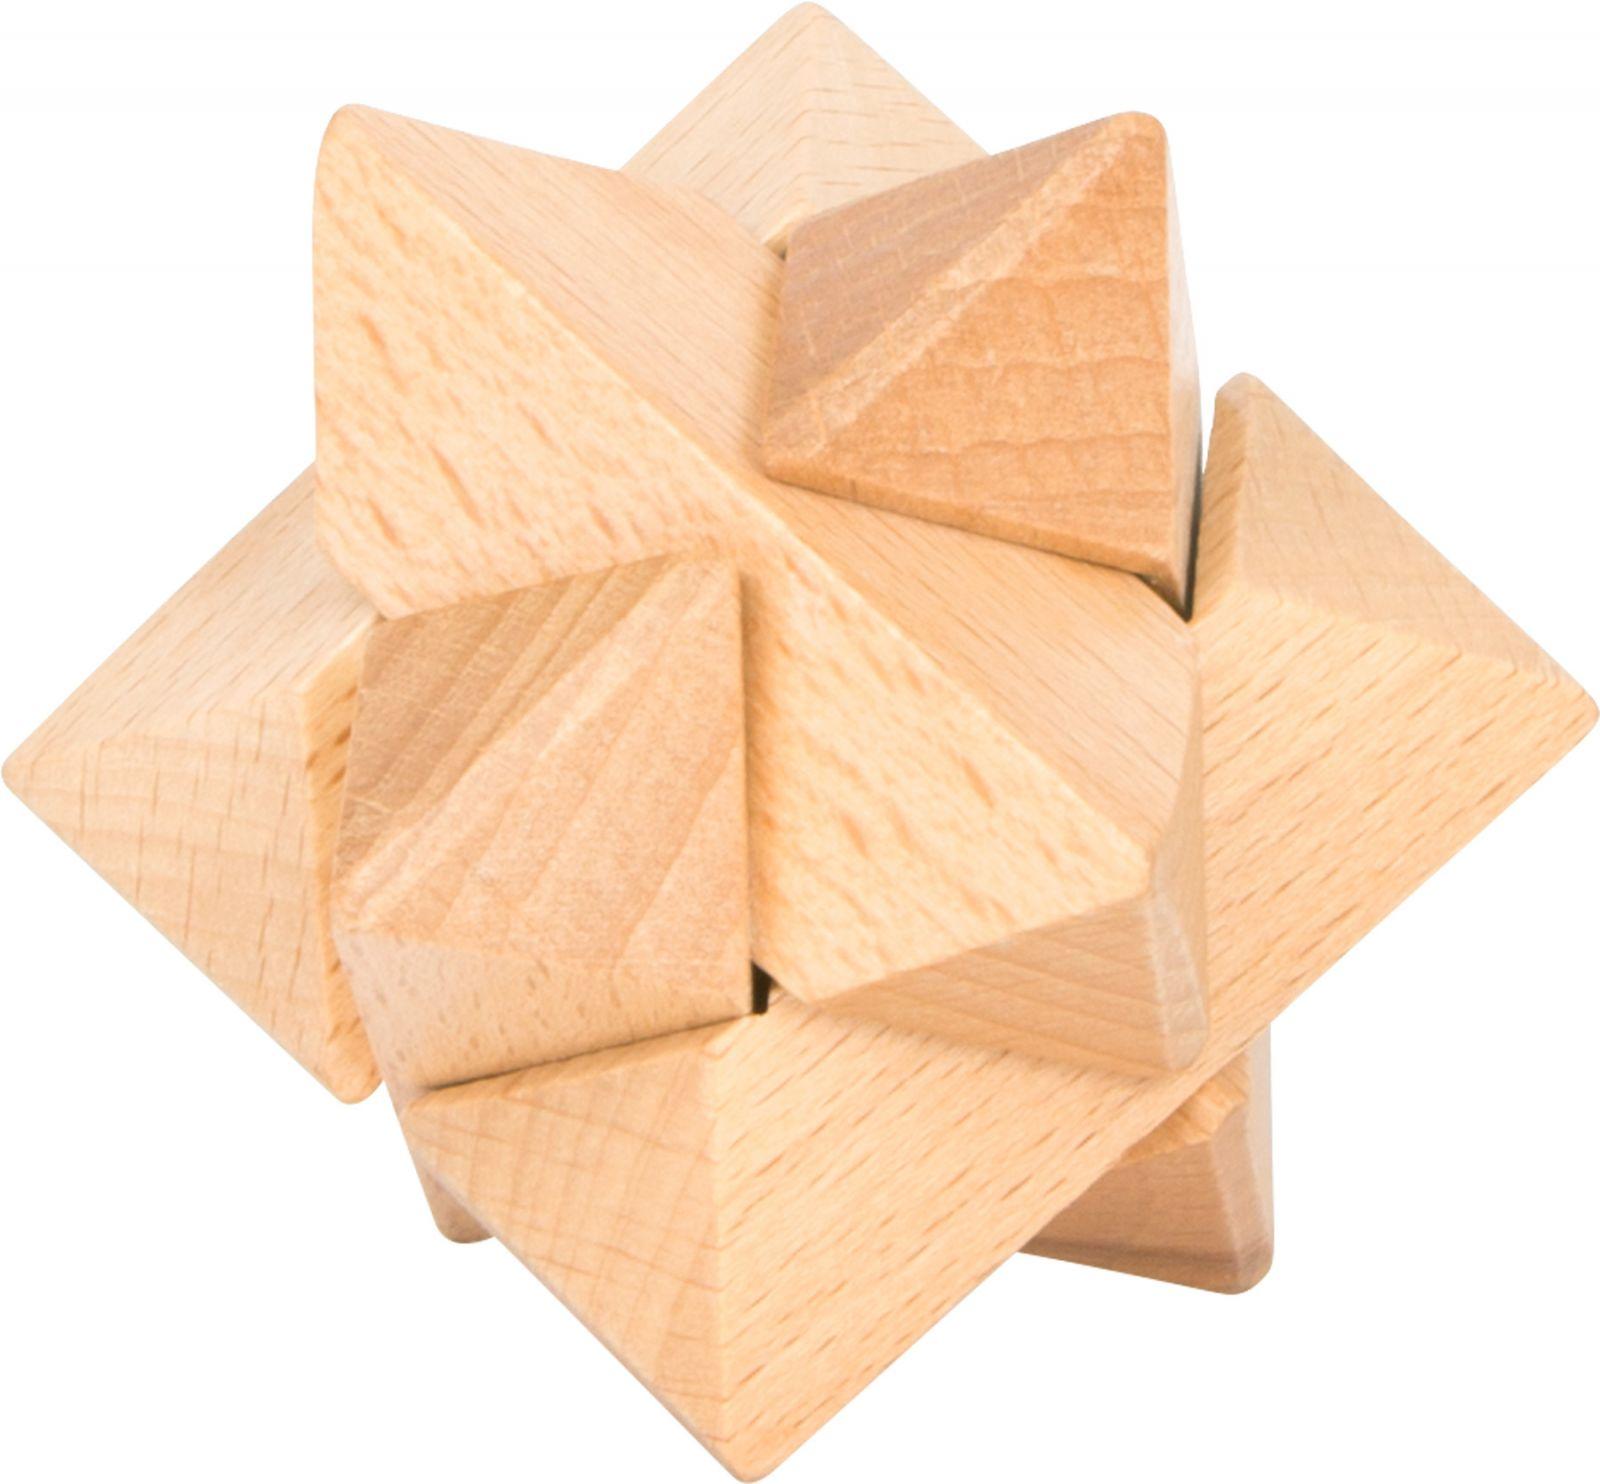 Dřevěné hračky Small Foot Dřevěný hlavolam 1ks číslo 6 Small foot by Legler